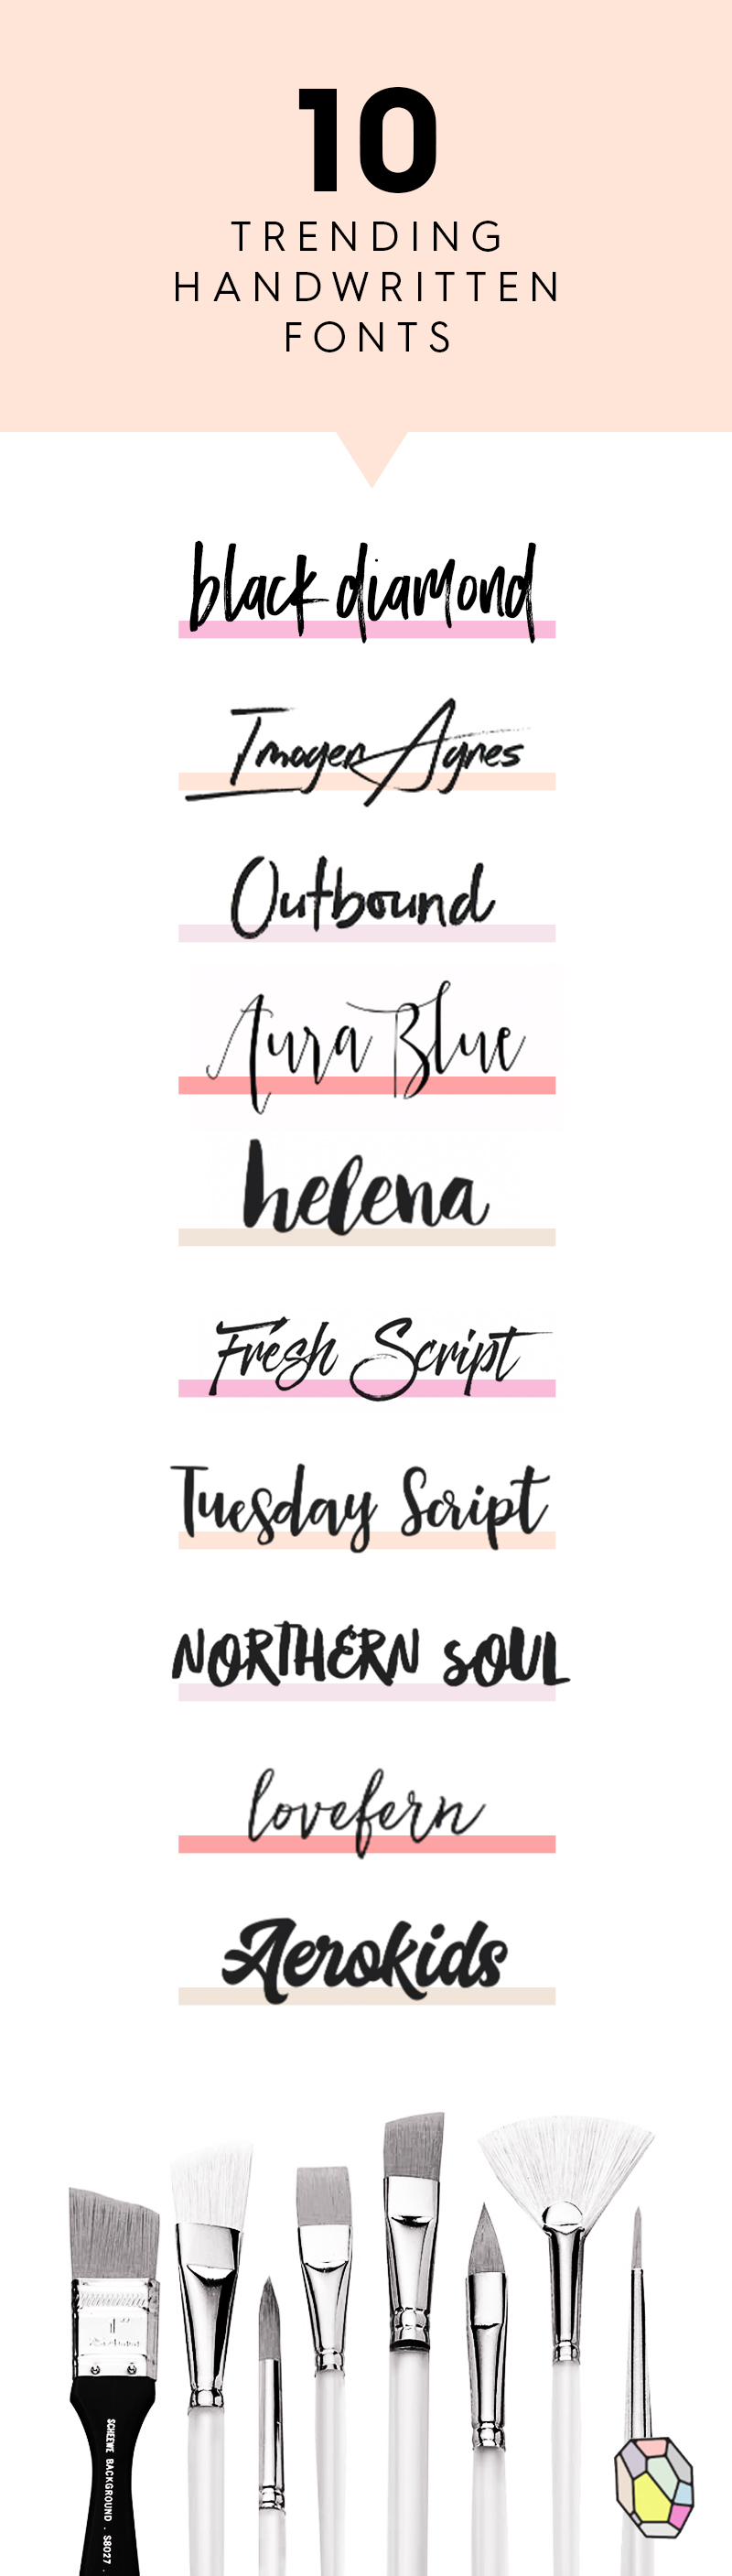 10 Trending Handwritten Fonts